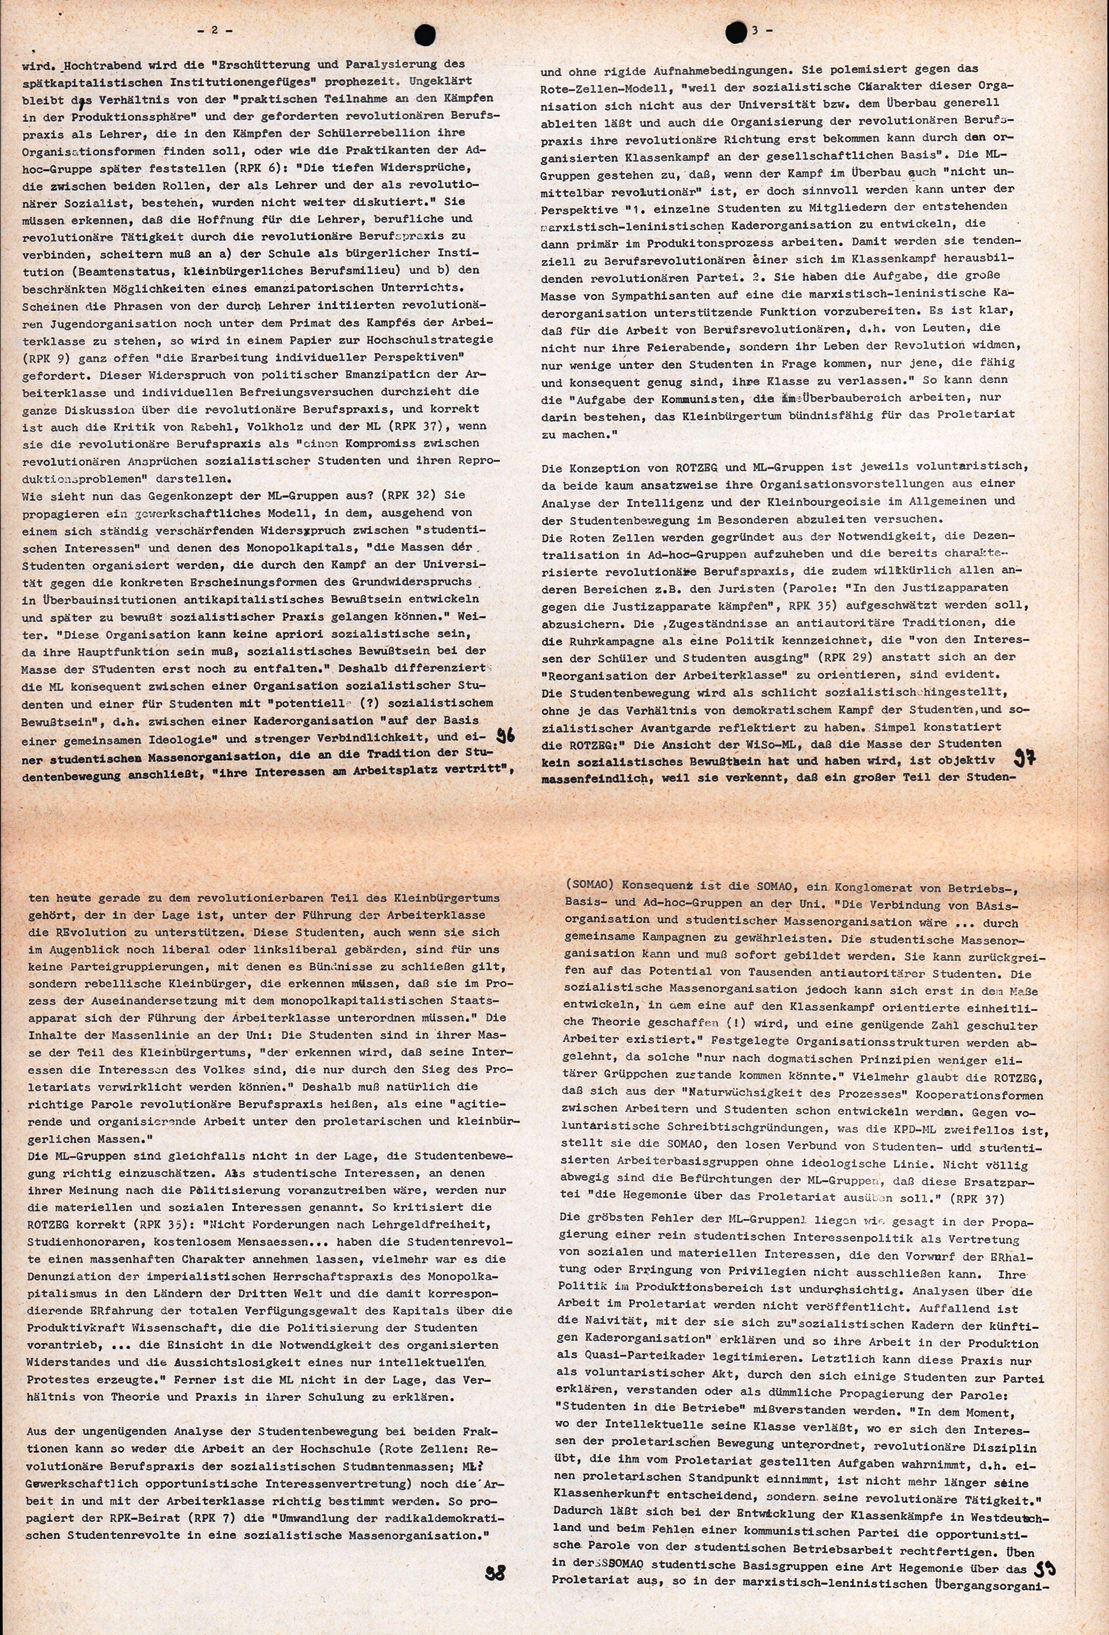 Heidelberg_SDS_1971_276